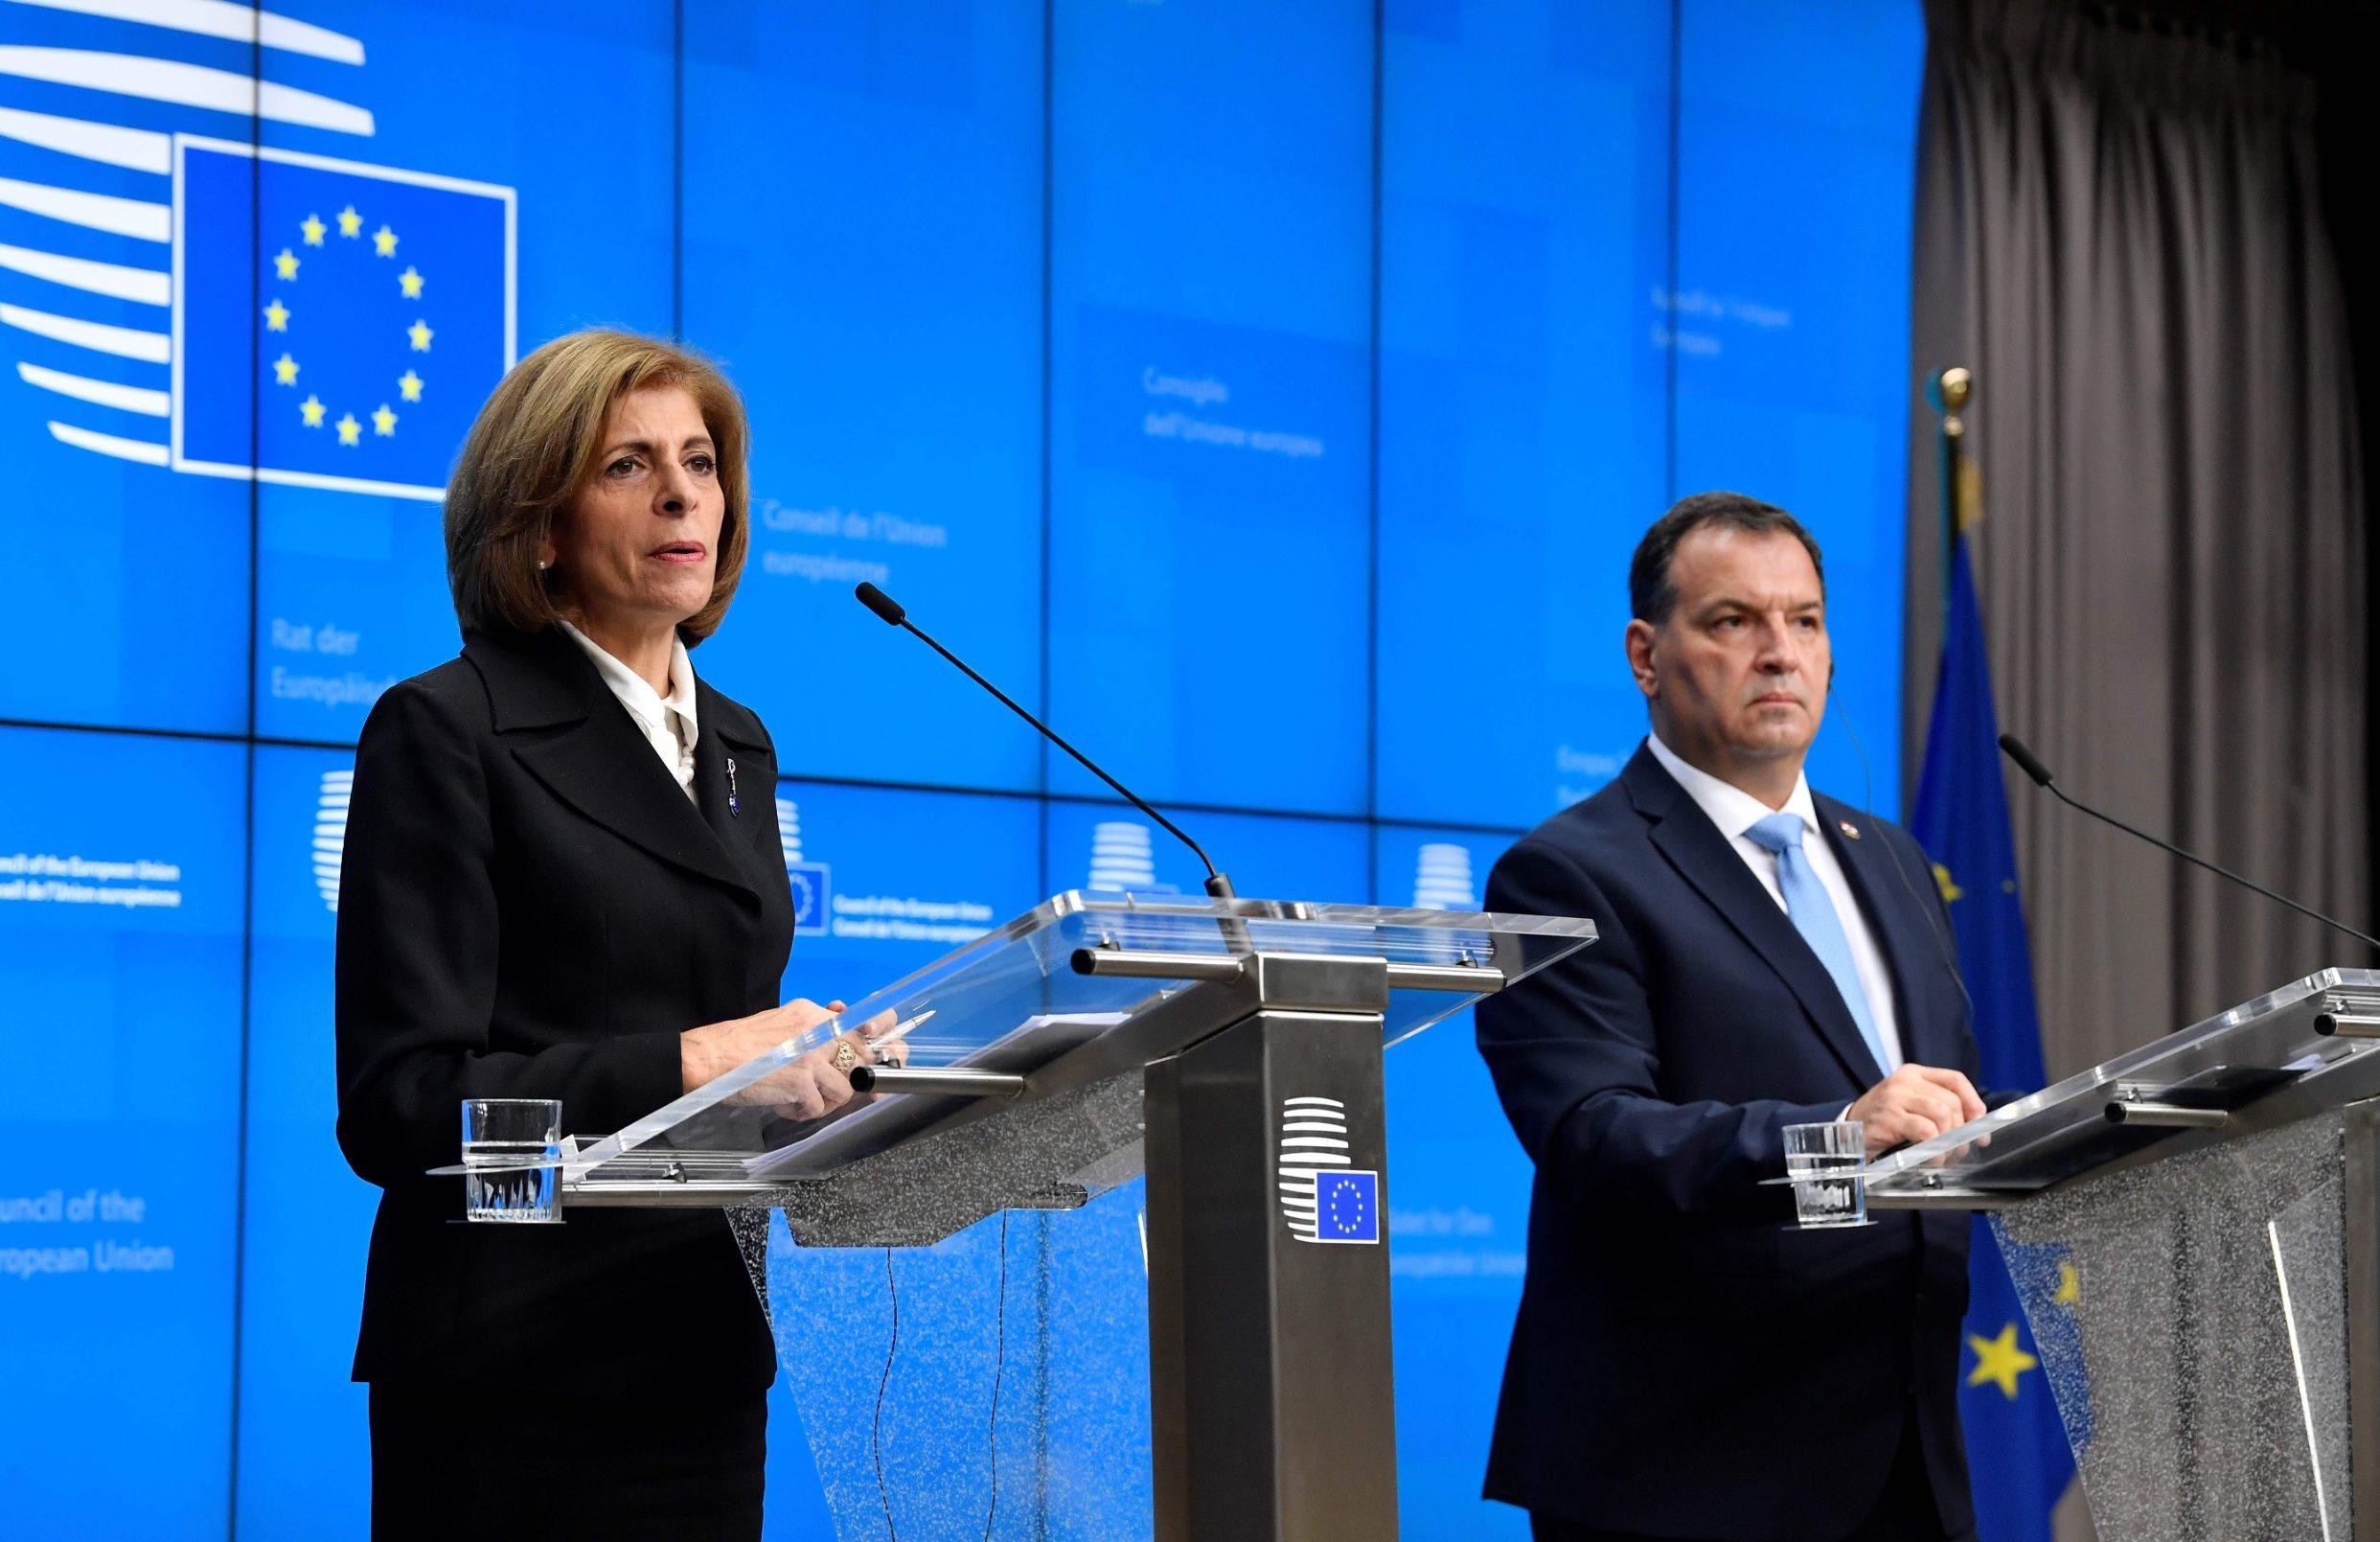 Povjerenica Europske komisije za zdravlje i sigurnost hrane Stella Kyriakides i hrvatski ministar zdravstva Vili Beroš